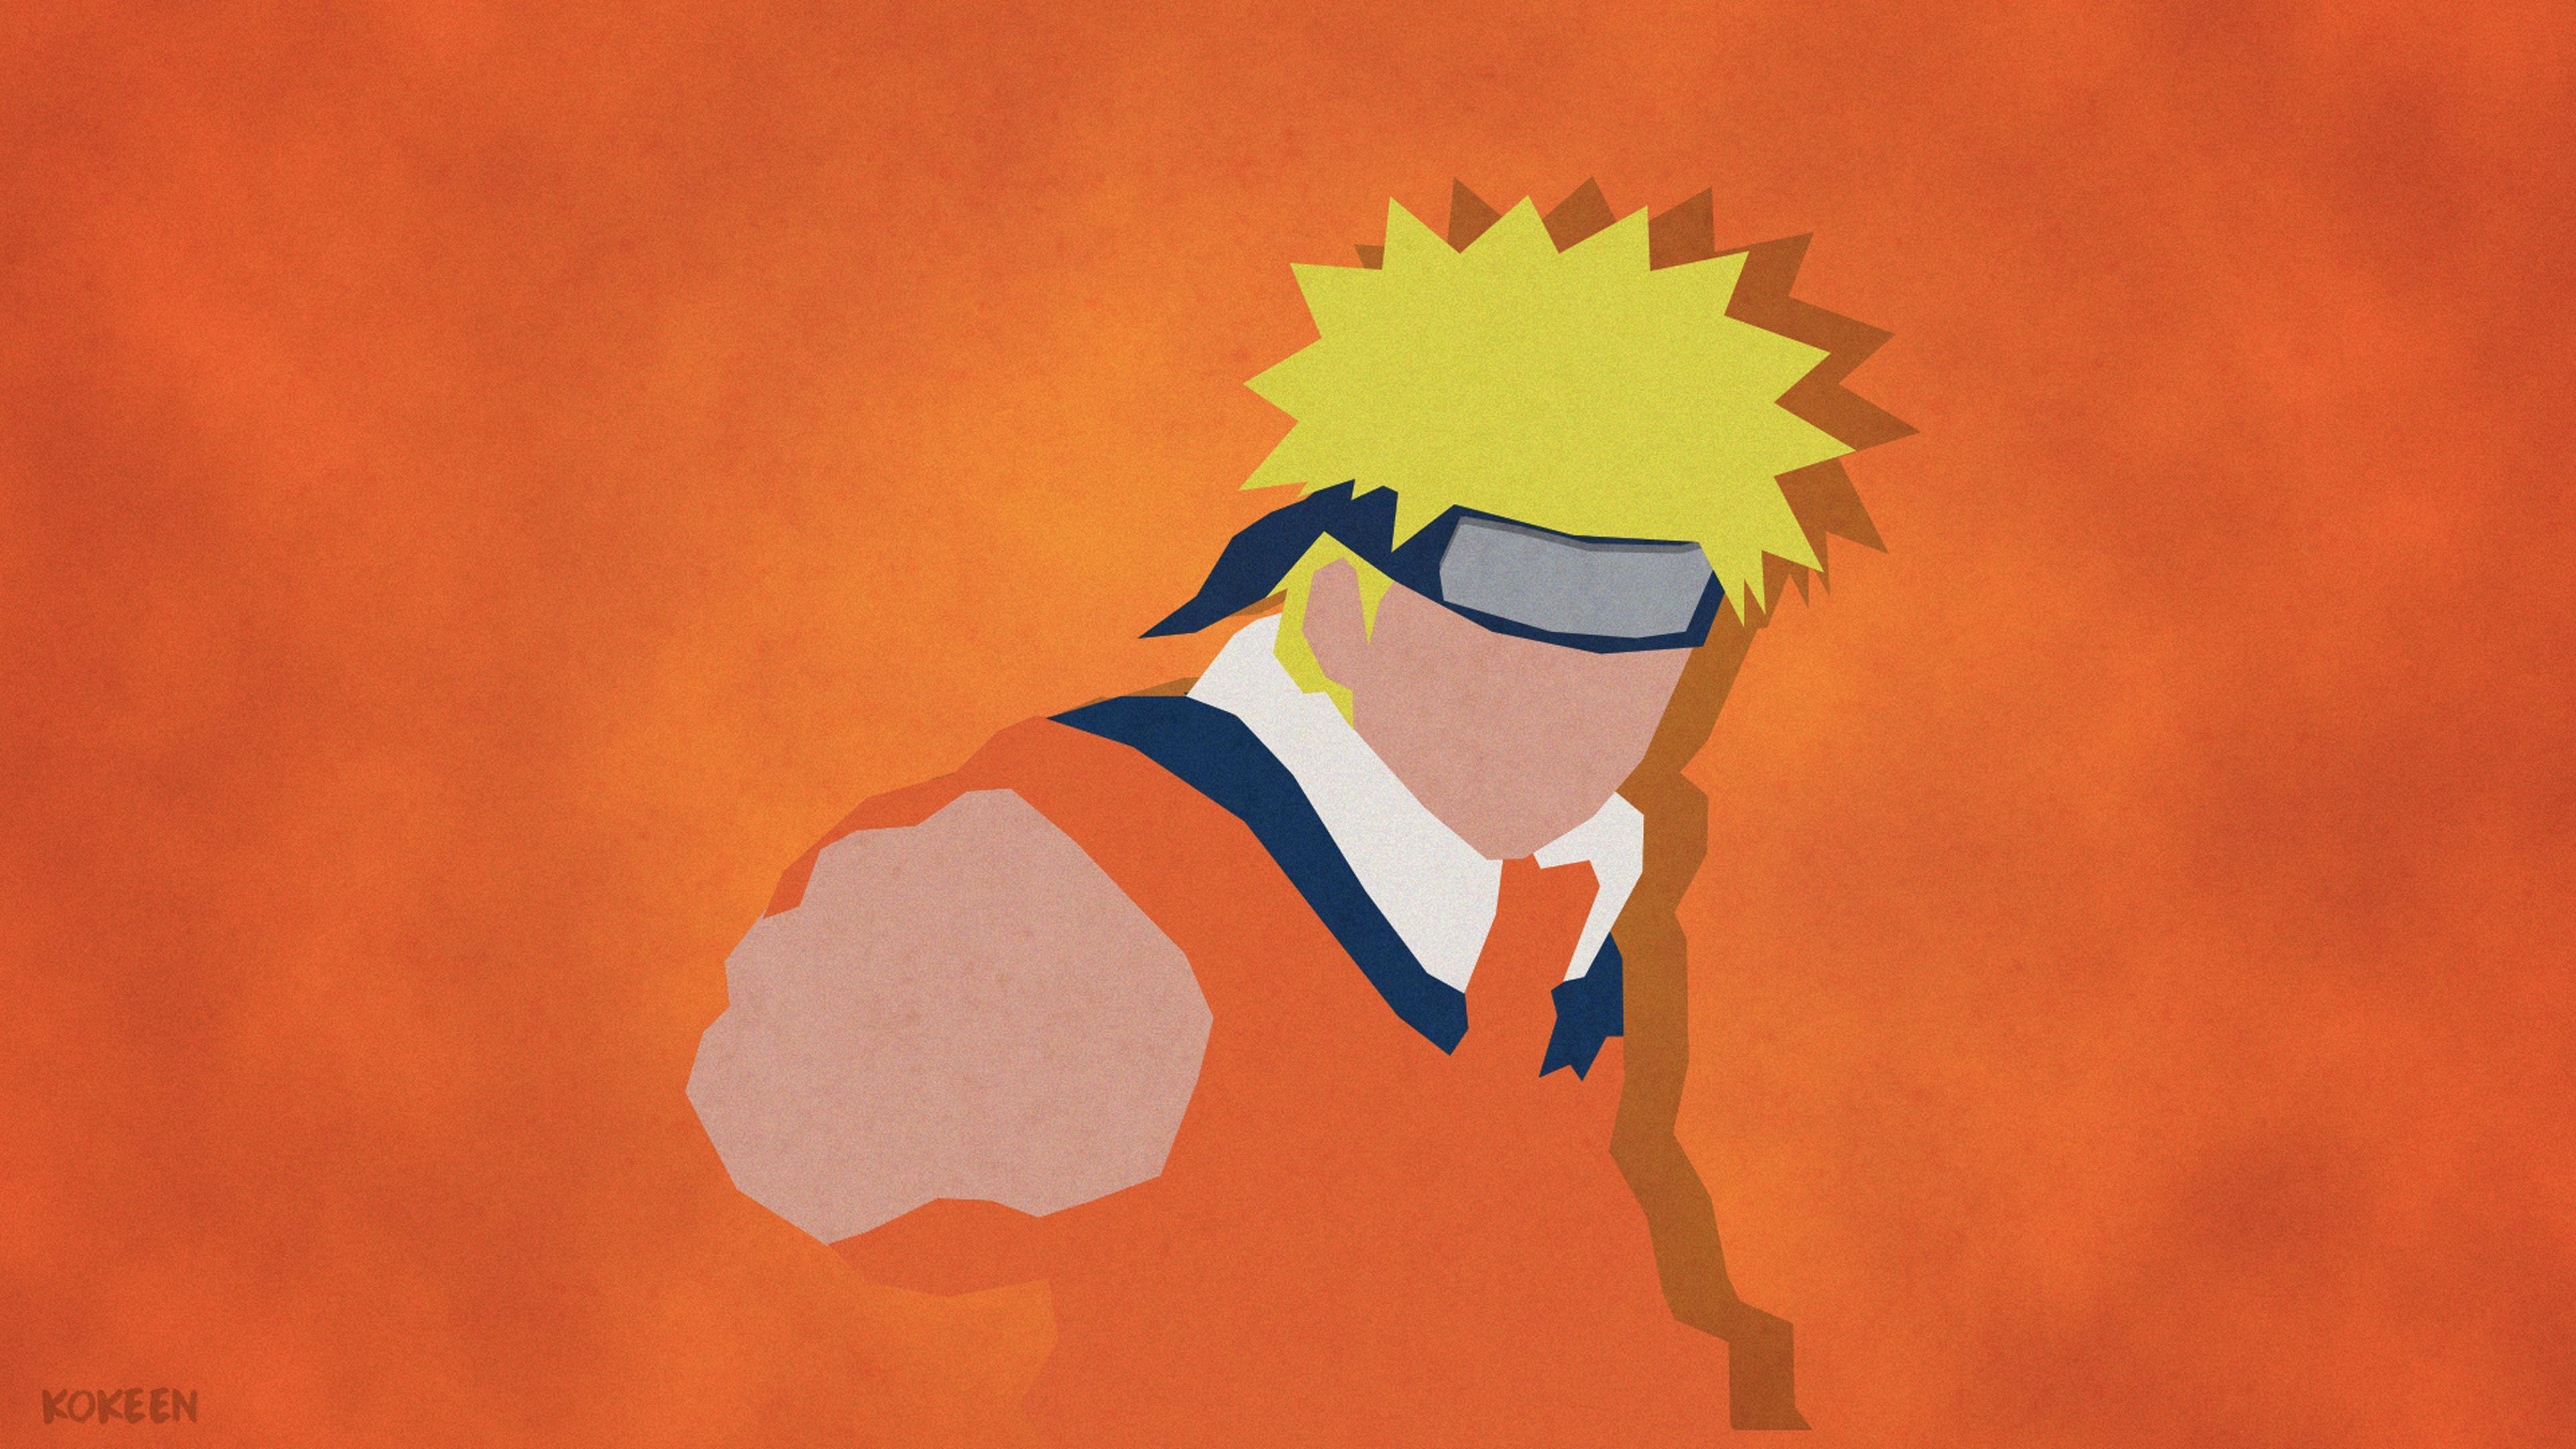 Naruto 4k Wallpapers Wallpaper Cave